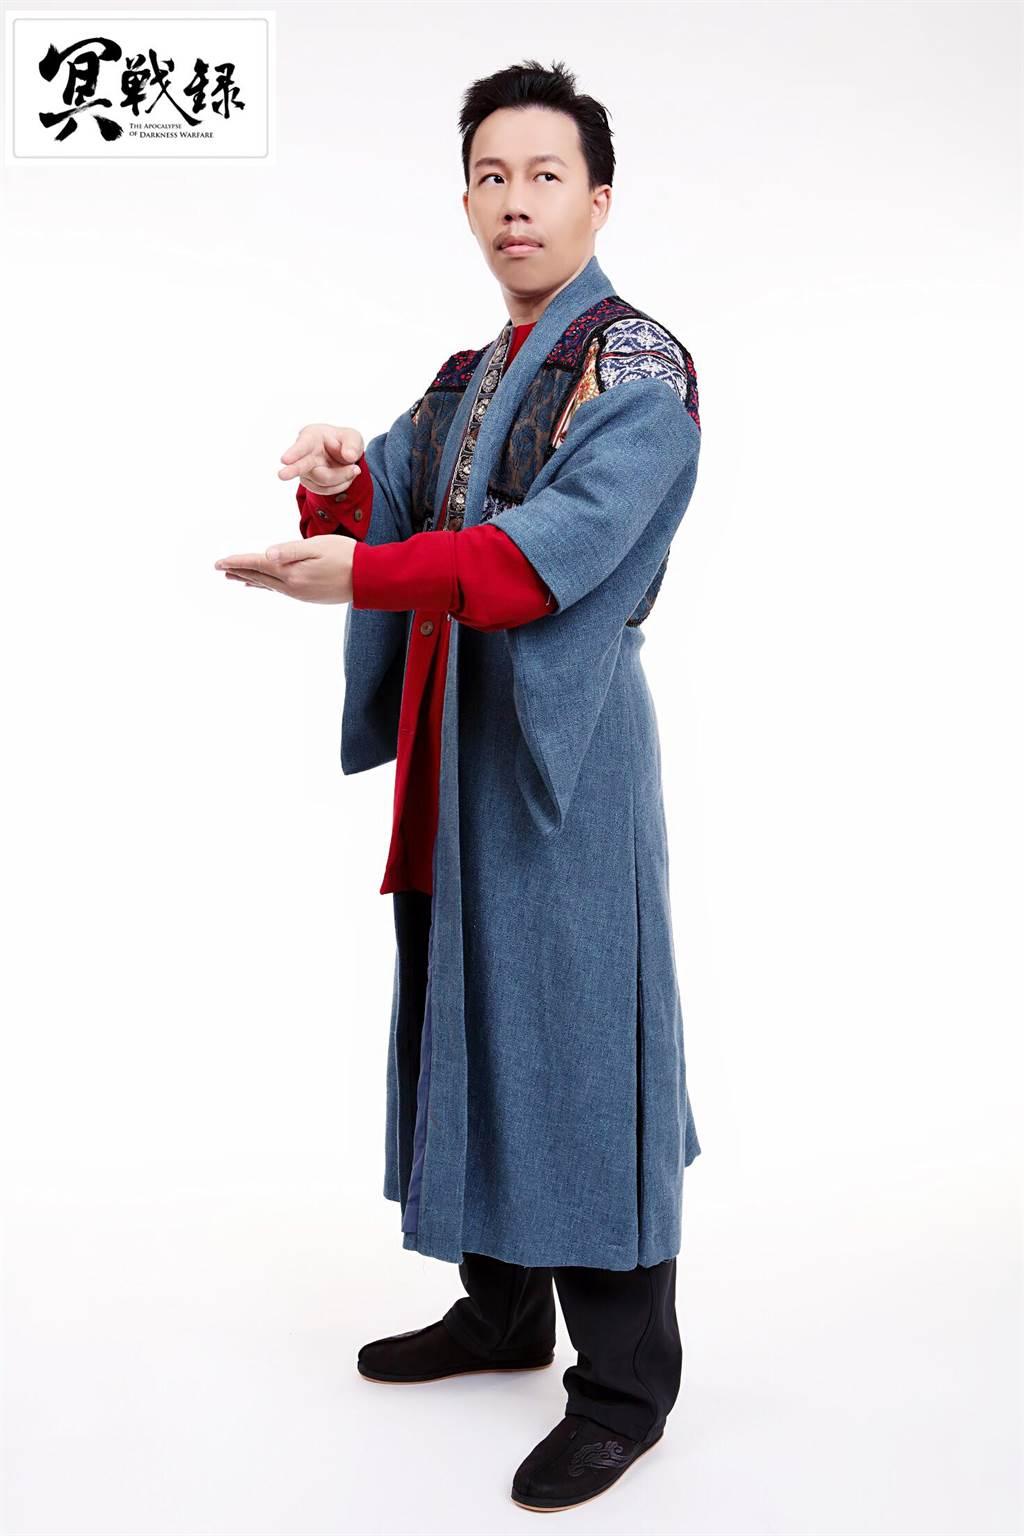 《冥戰錄》的漫畫原作者韋宗成,這回也在劇中飾演「七叔」一角,是一名嚴肅又正直,同時也具有法力的警員。(明華園總團提供)